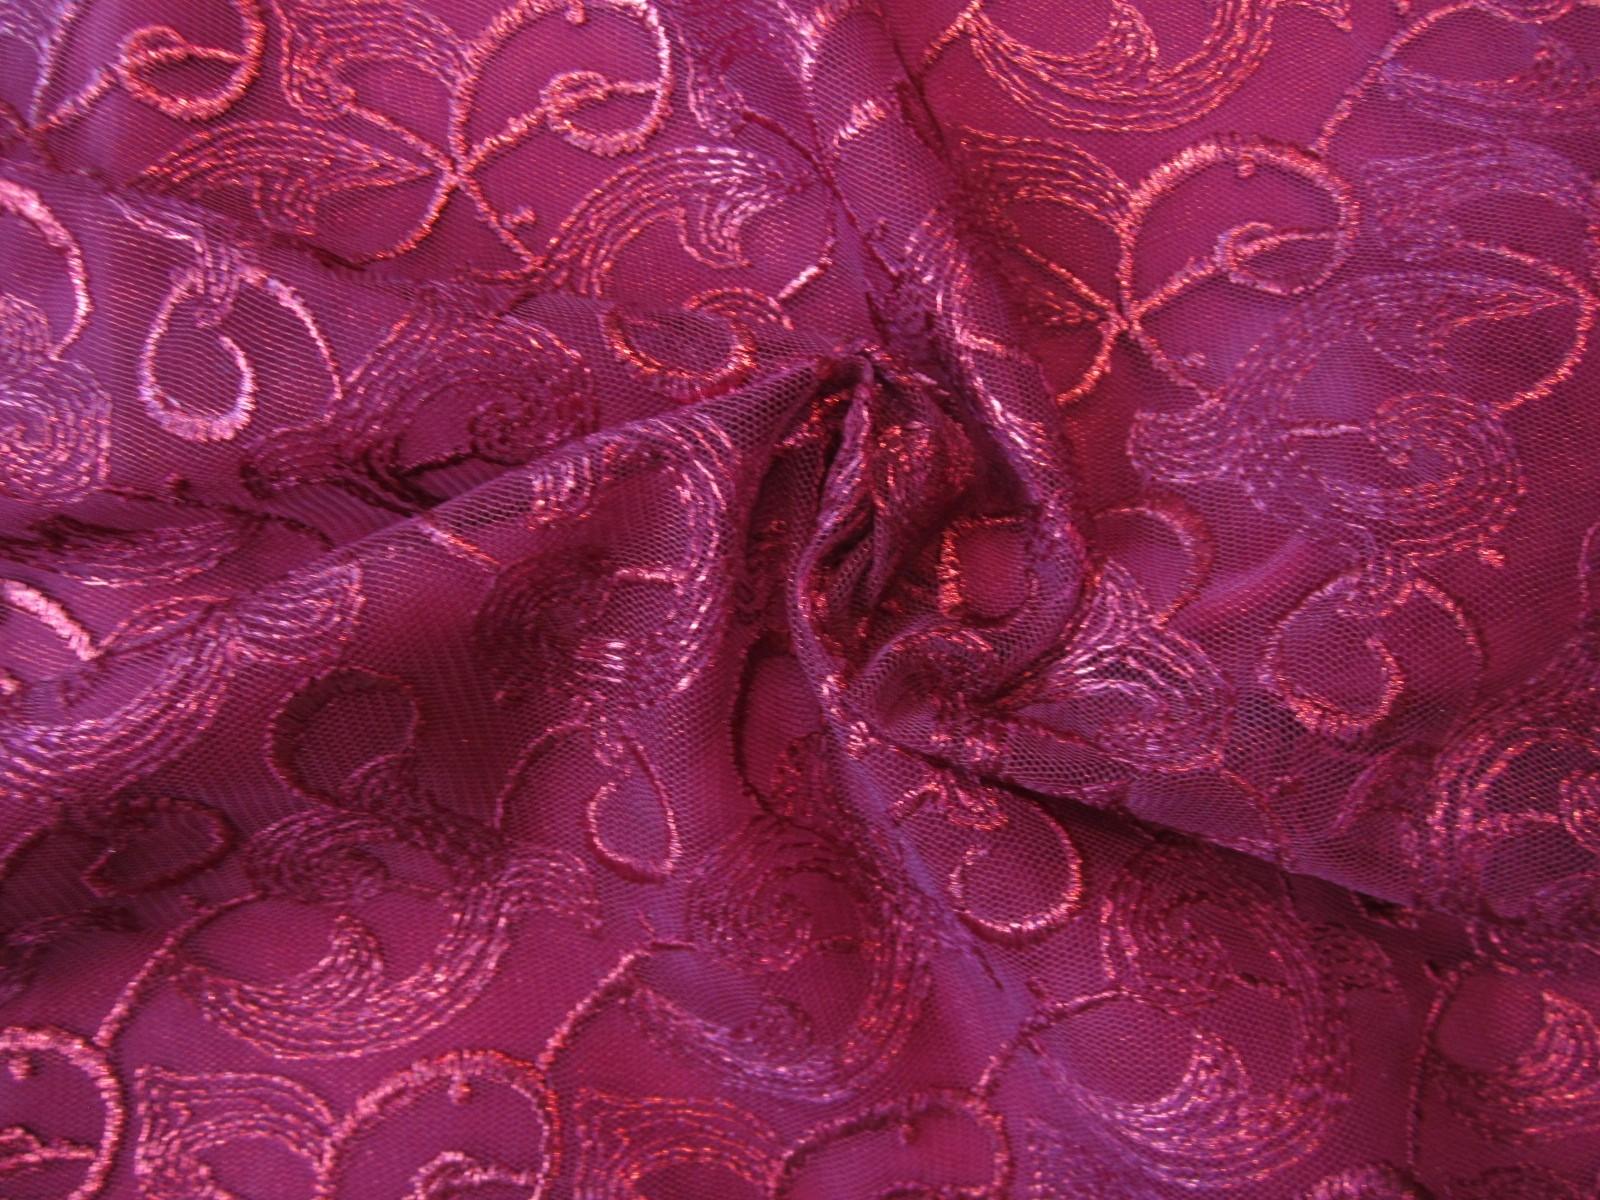 Koronka nowoczesny wzór na tiulu burgund